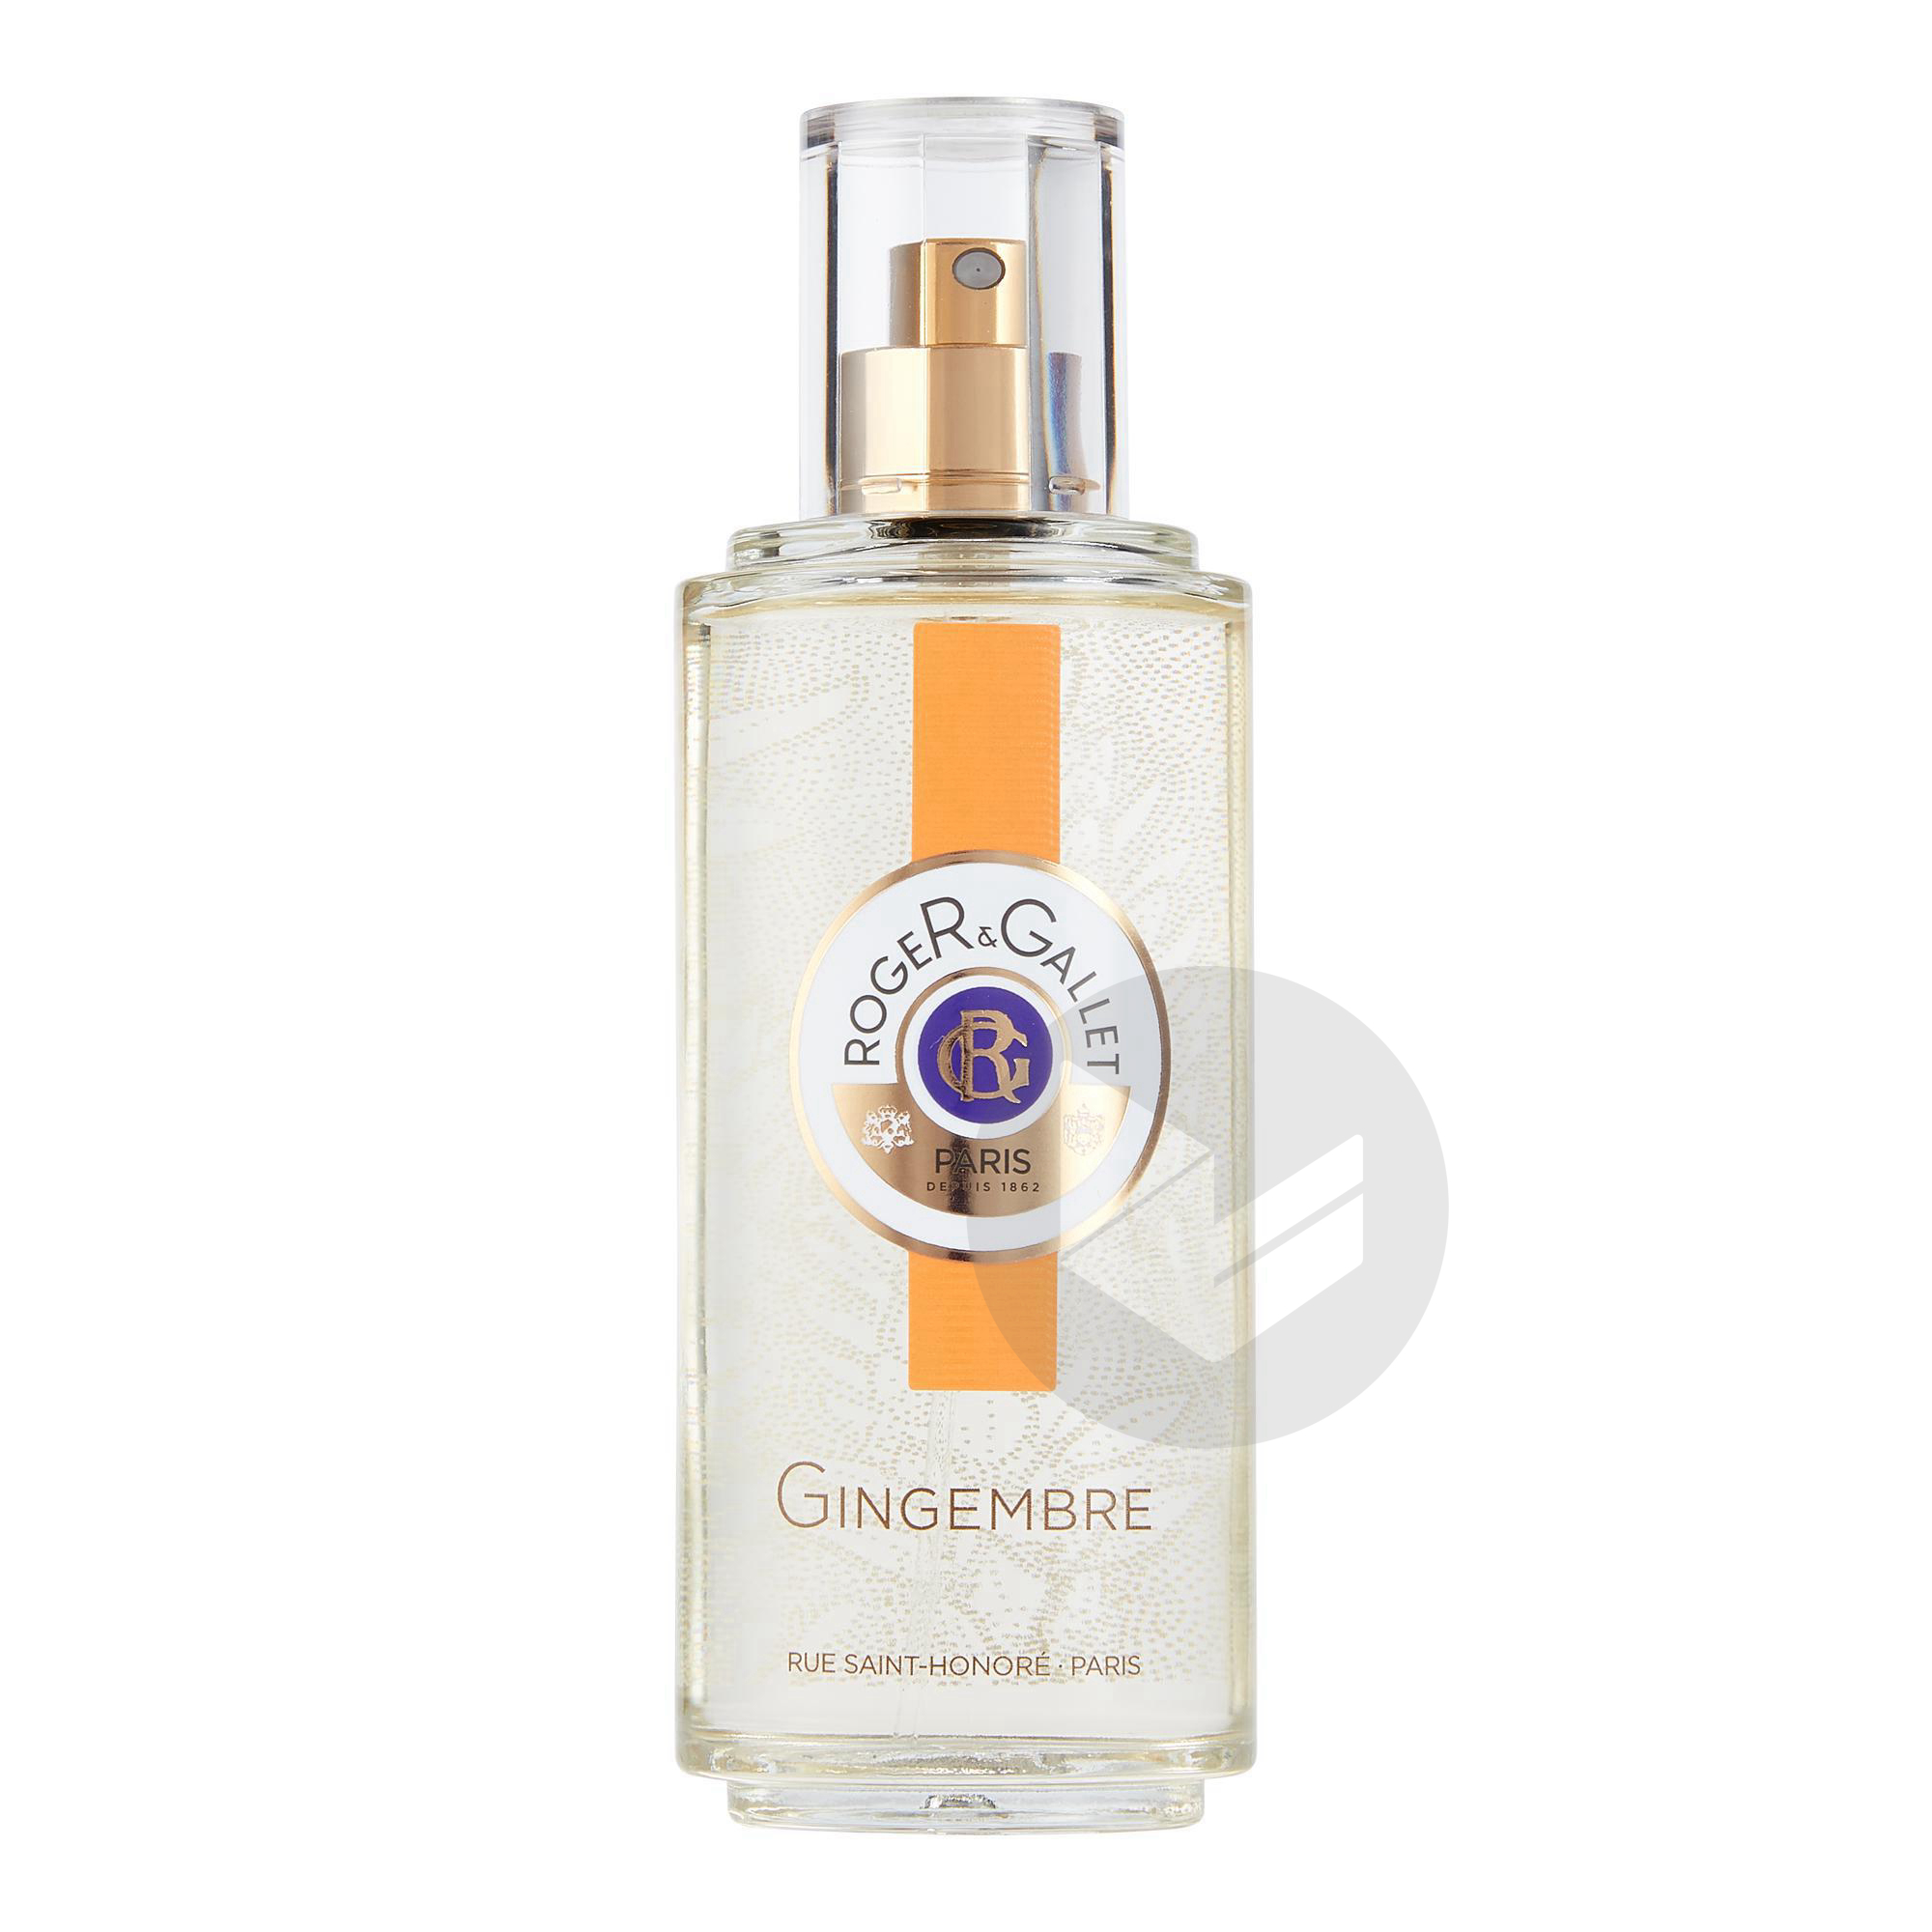 Gingembre Eau Fraiche Parfumee Bienfaisante Vaporisateur 100 Ml